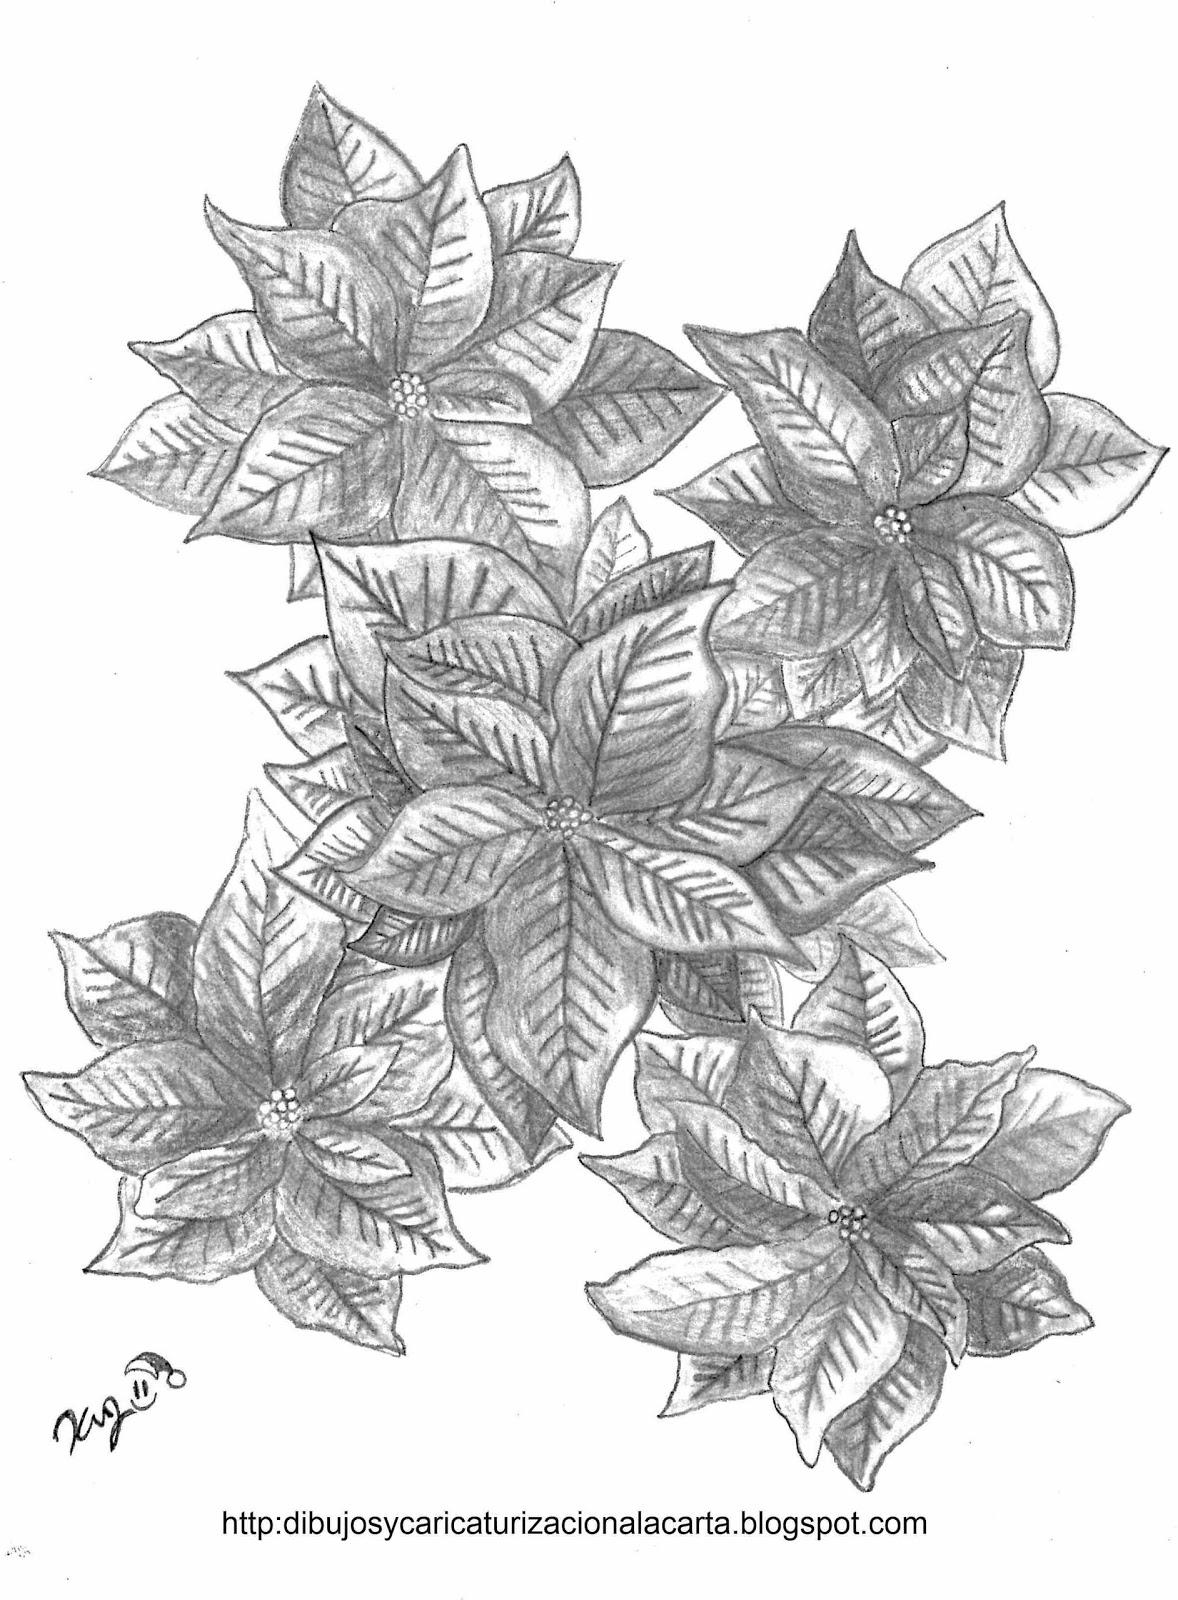 dibujos y caricaturizacion a la carta Flor de Nochebuena dibujo a